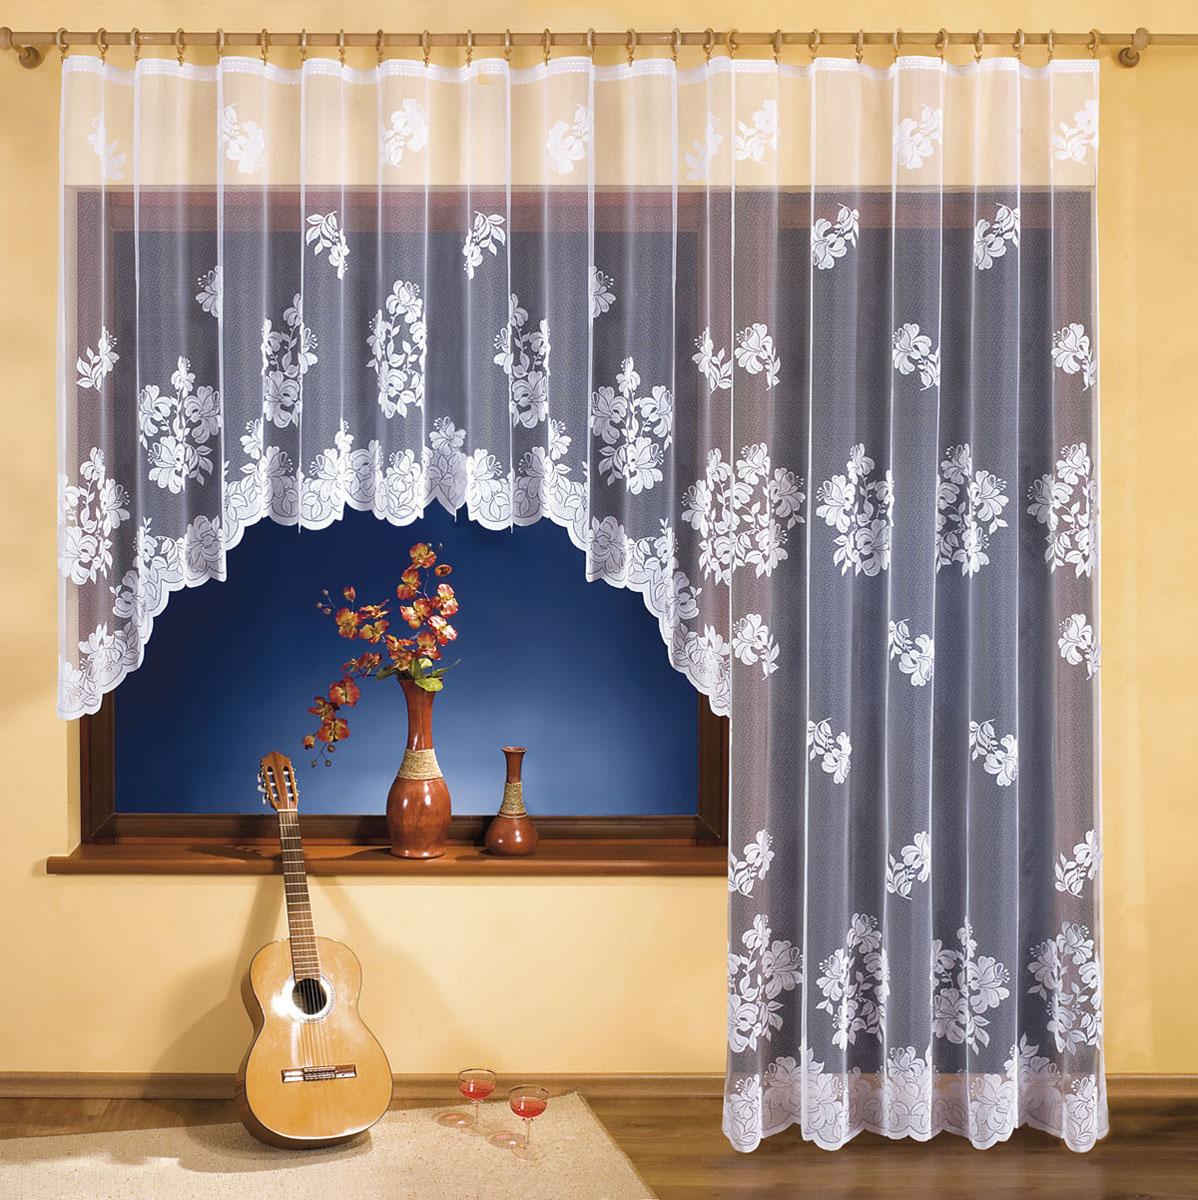 Комплект штор Wisan, цвет: белый, высота 250 см, 2 шт3254Комплект штор Wisan для окна с балконной дверью, изготовлен из 100% полиэстера. Такой комплект станет великолепным украшением любого окна. Изящный цвет и текстура ткани привлекут к себе внимание и органично впишутся в интерьер комнаты. Оригинальное оформление гардины внесет разнообразие и подарит заряд положительного настроения.Размеры: 300 х 150 см. 250 х 150 см. Крепление гардины - зажимы для штор.